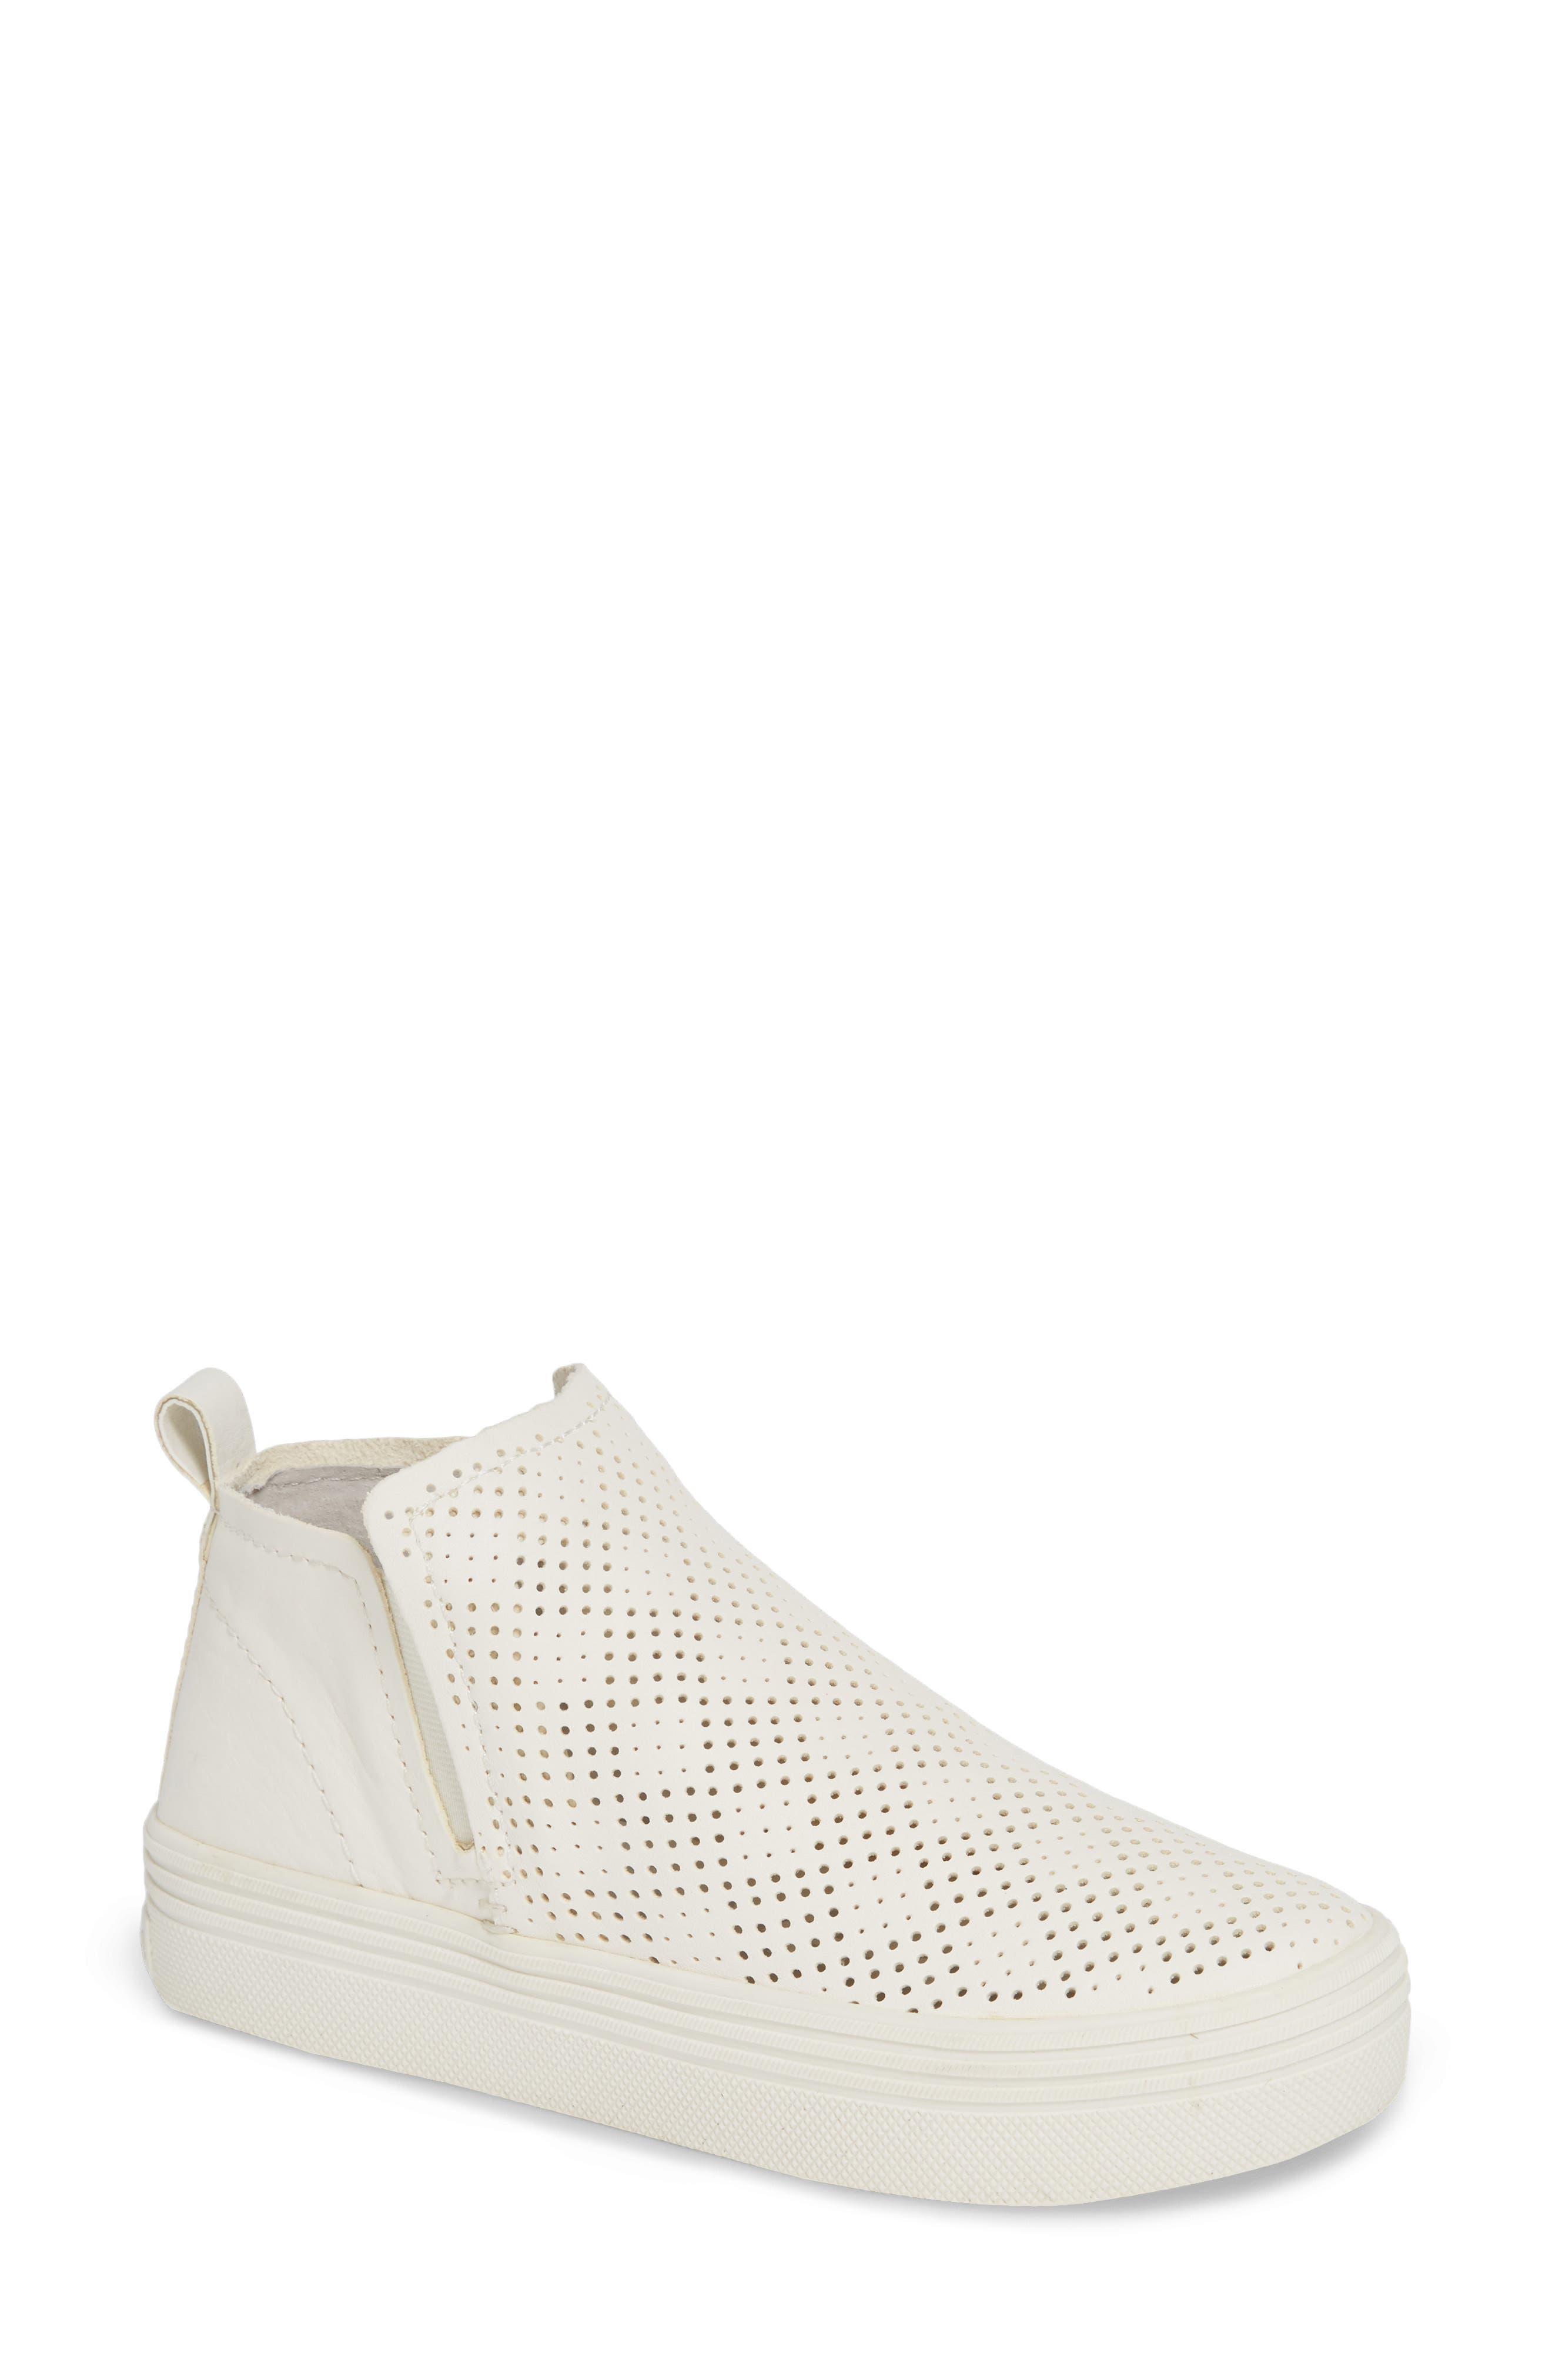 Tate Sneaker,                             Main thumbnail 1, color,                             WHITE